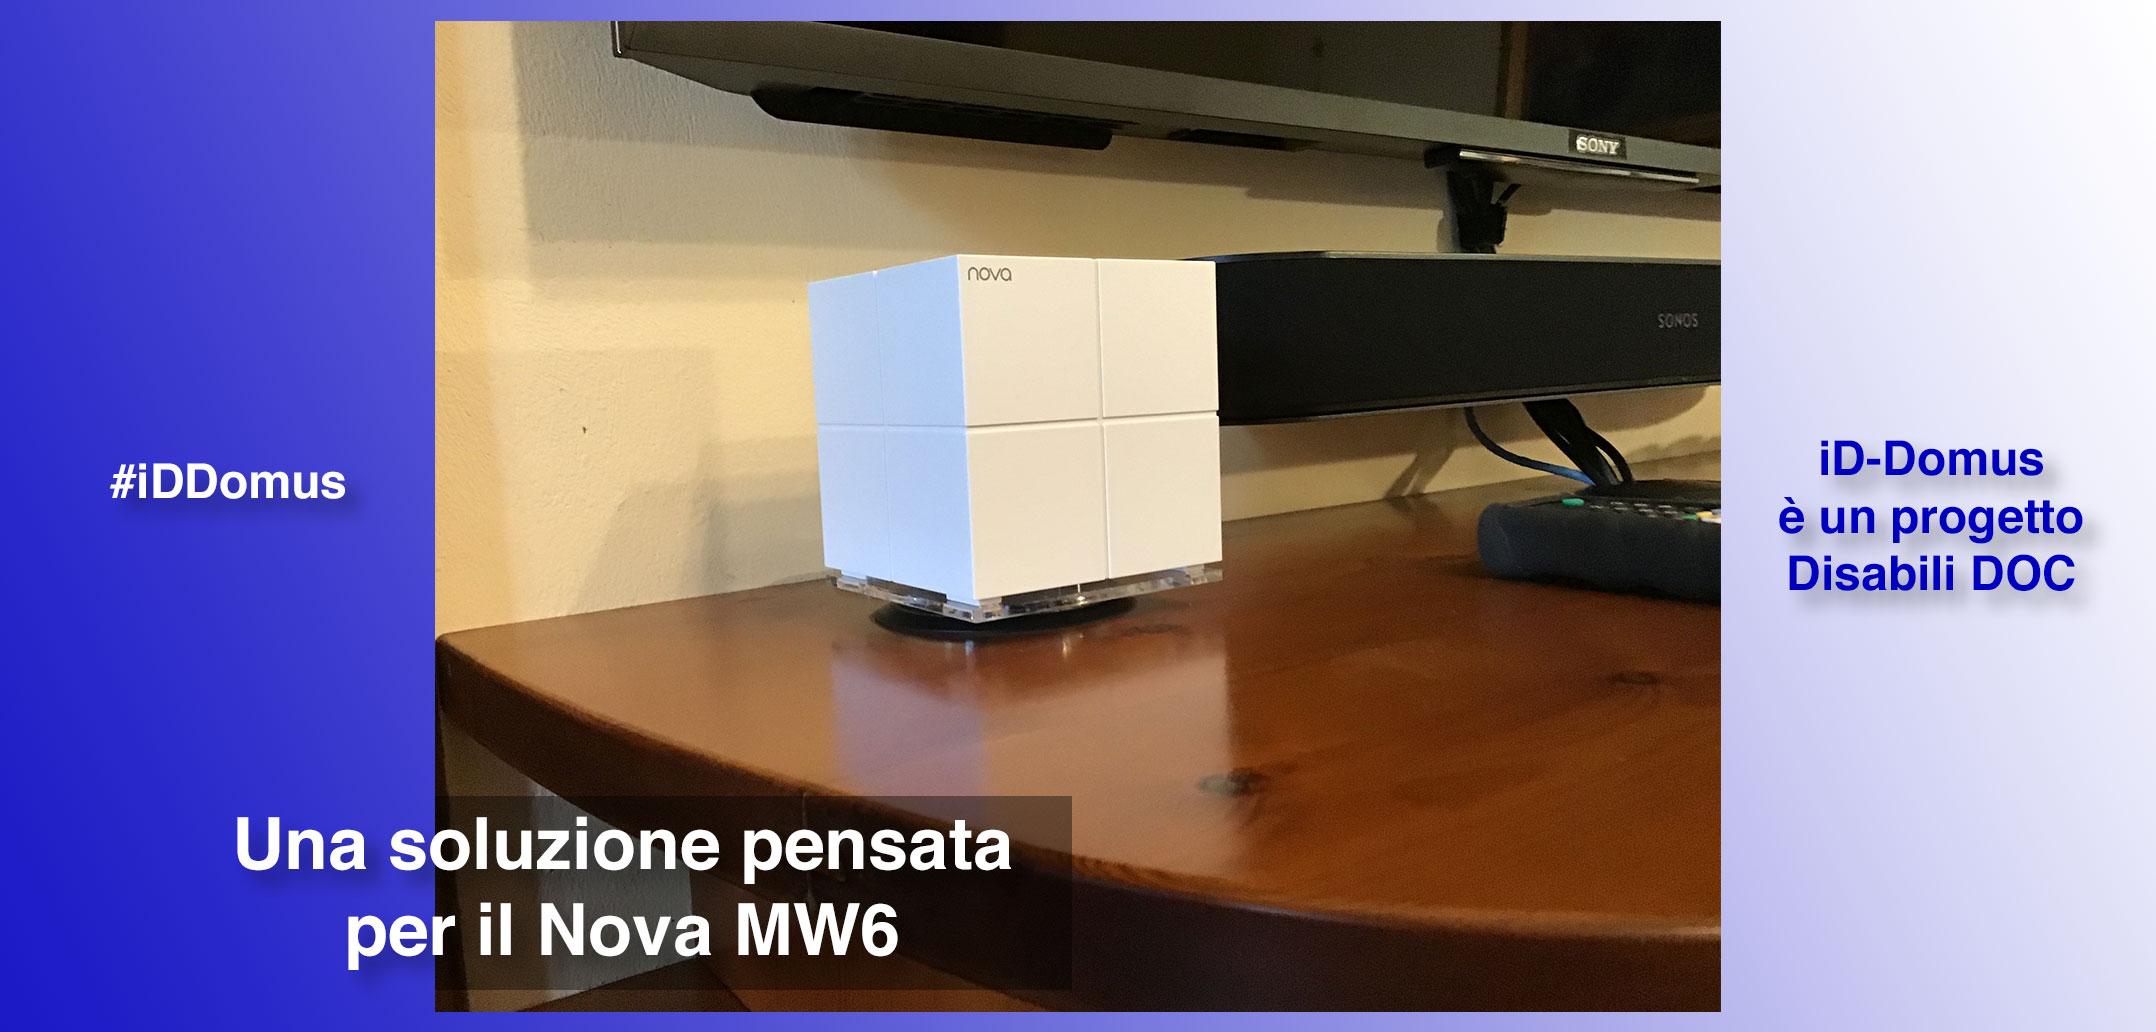 #iDDomus / Parte 5ª / Mobile TV parte 3ª, un supporto pensato per il Nova MW6